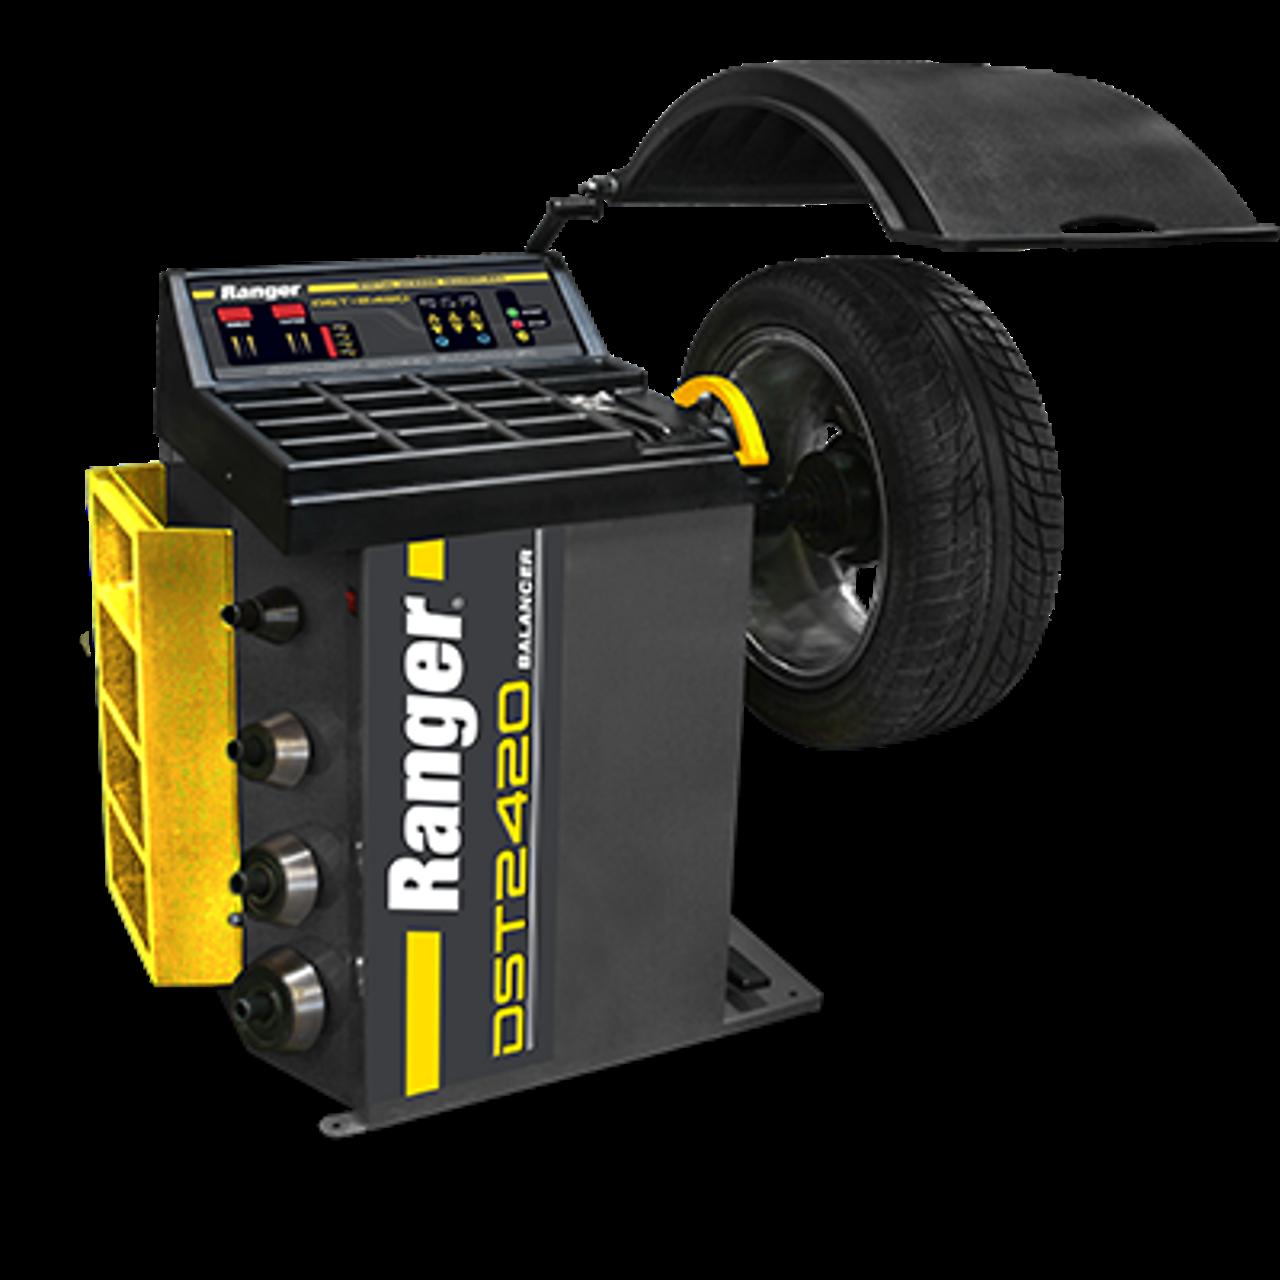 DST-2420 Wheel Balancer